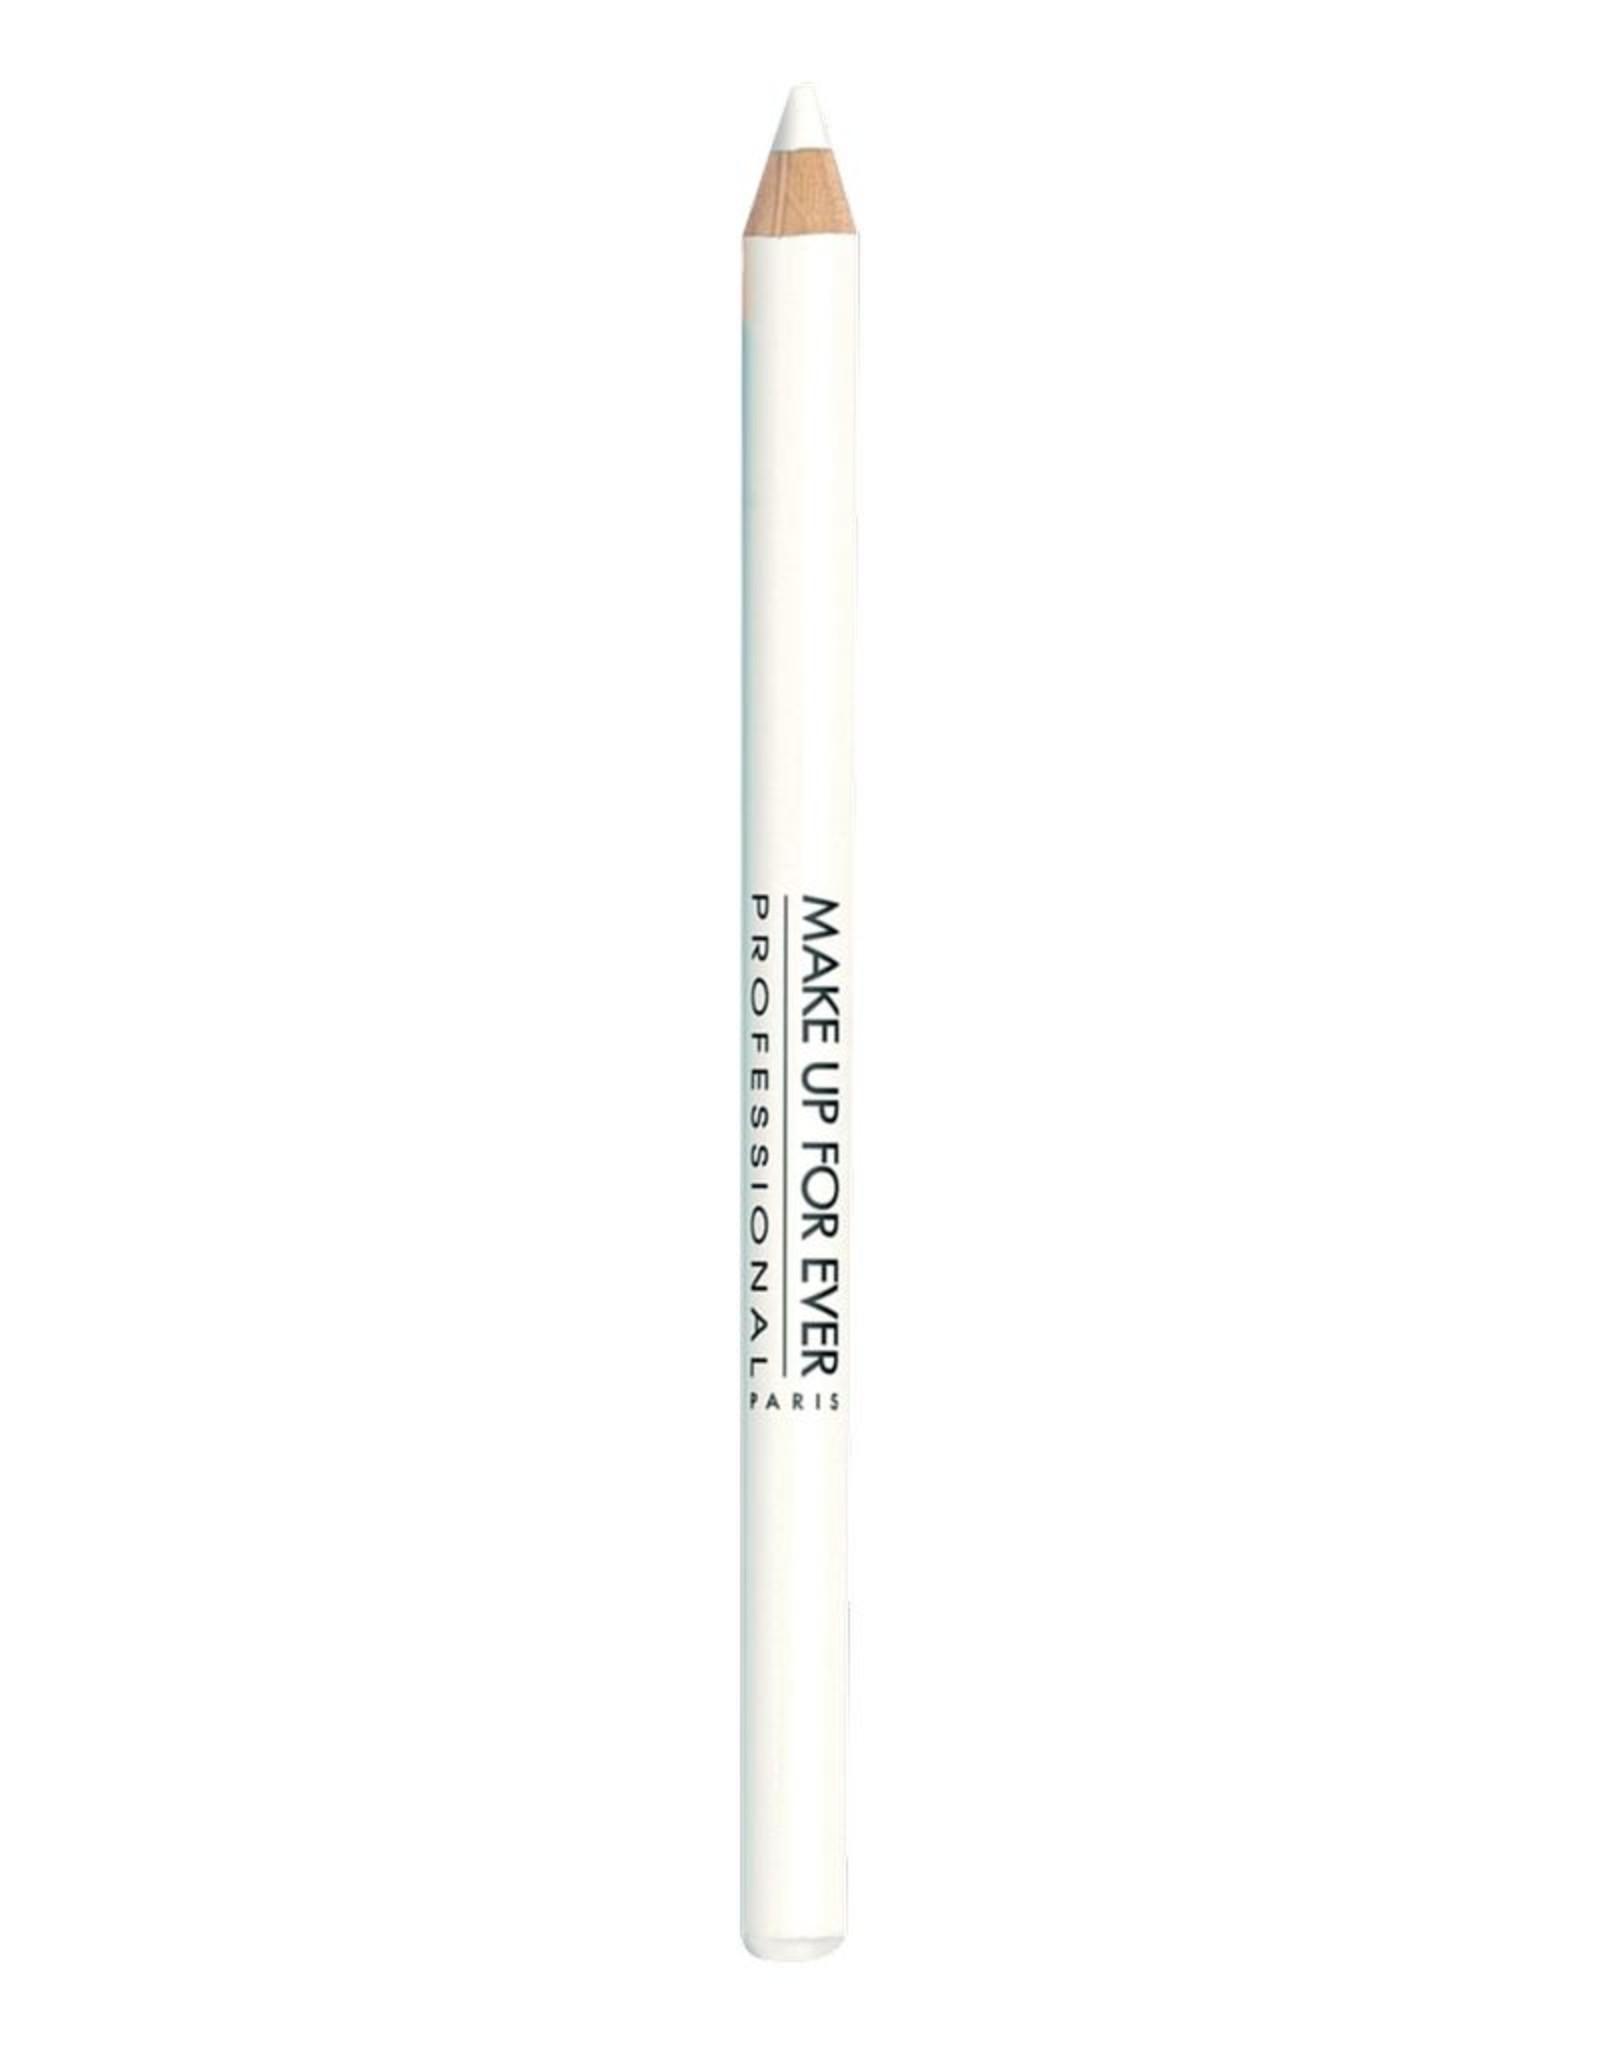 MUFE CRAYON KHOL 1,14g2K - blanc mat / matte white